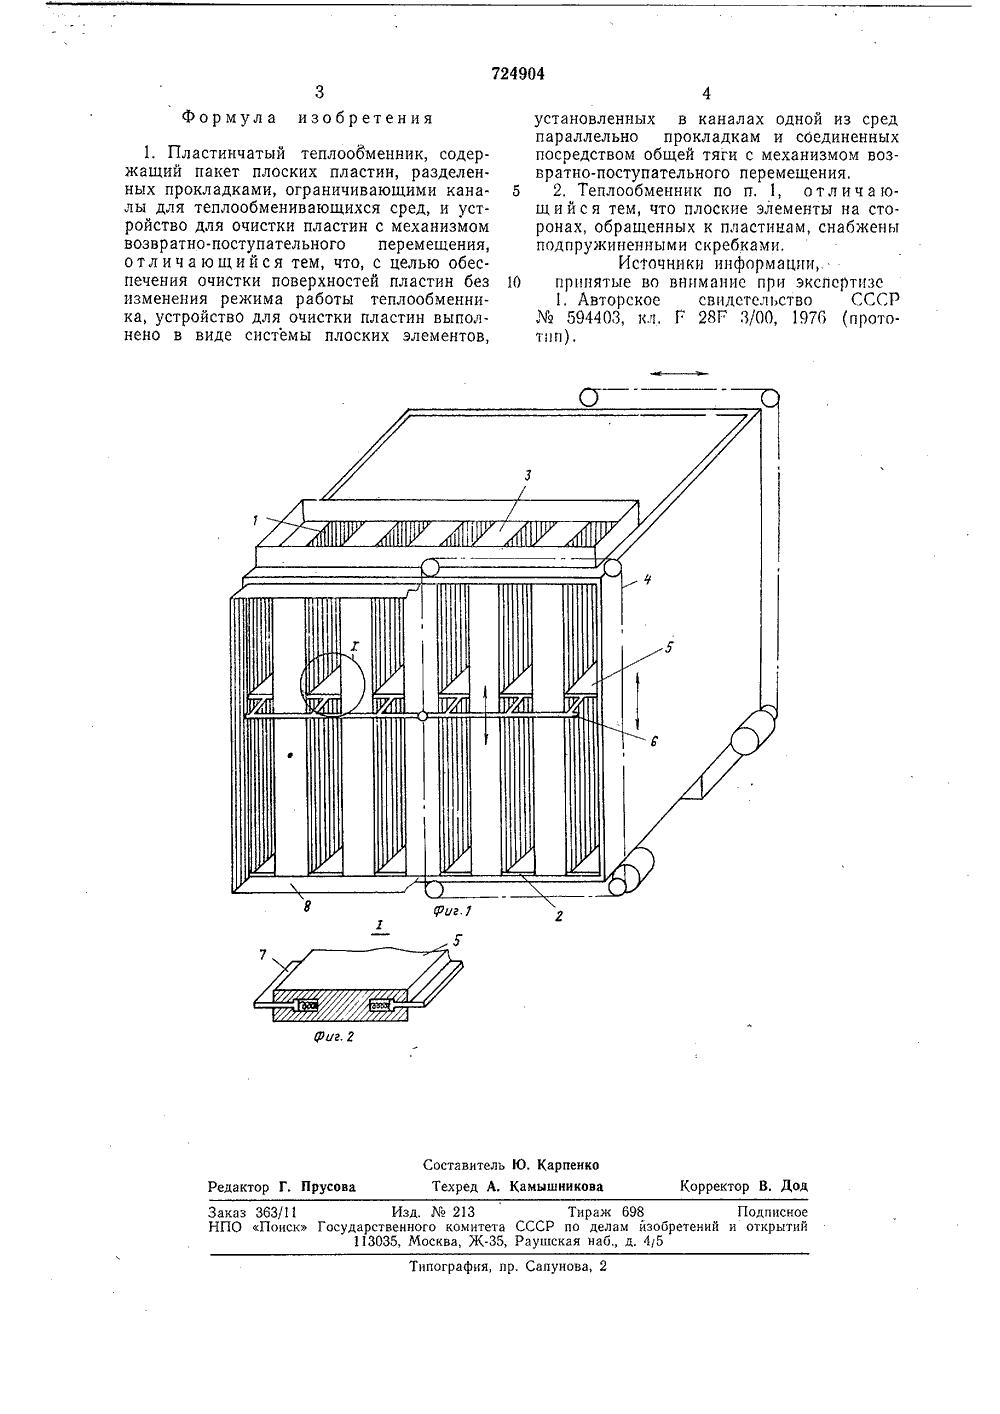 Расчет пластинчатые теплообменники вторичный теплообменник для газового котла mora